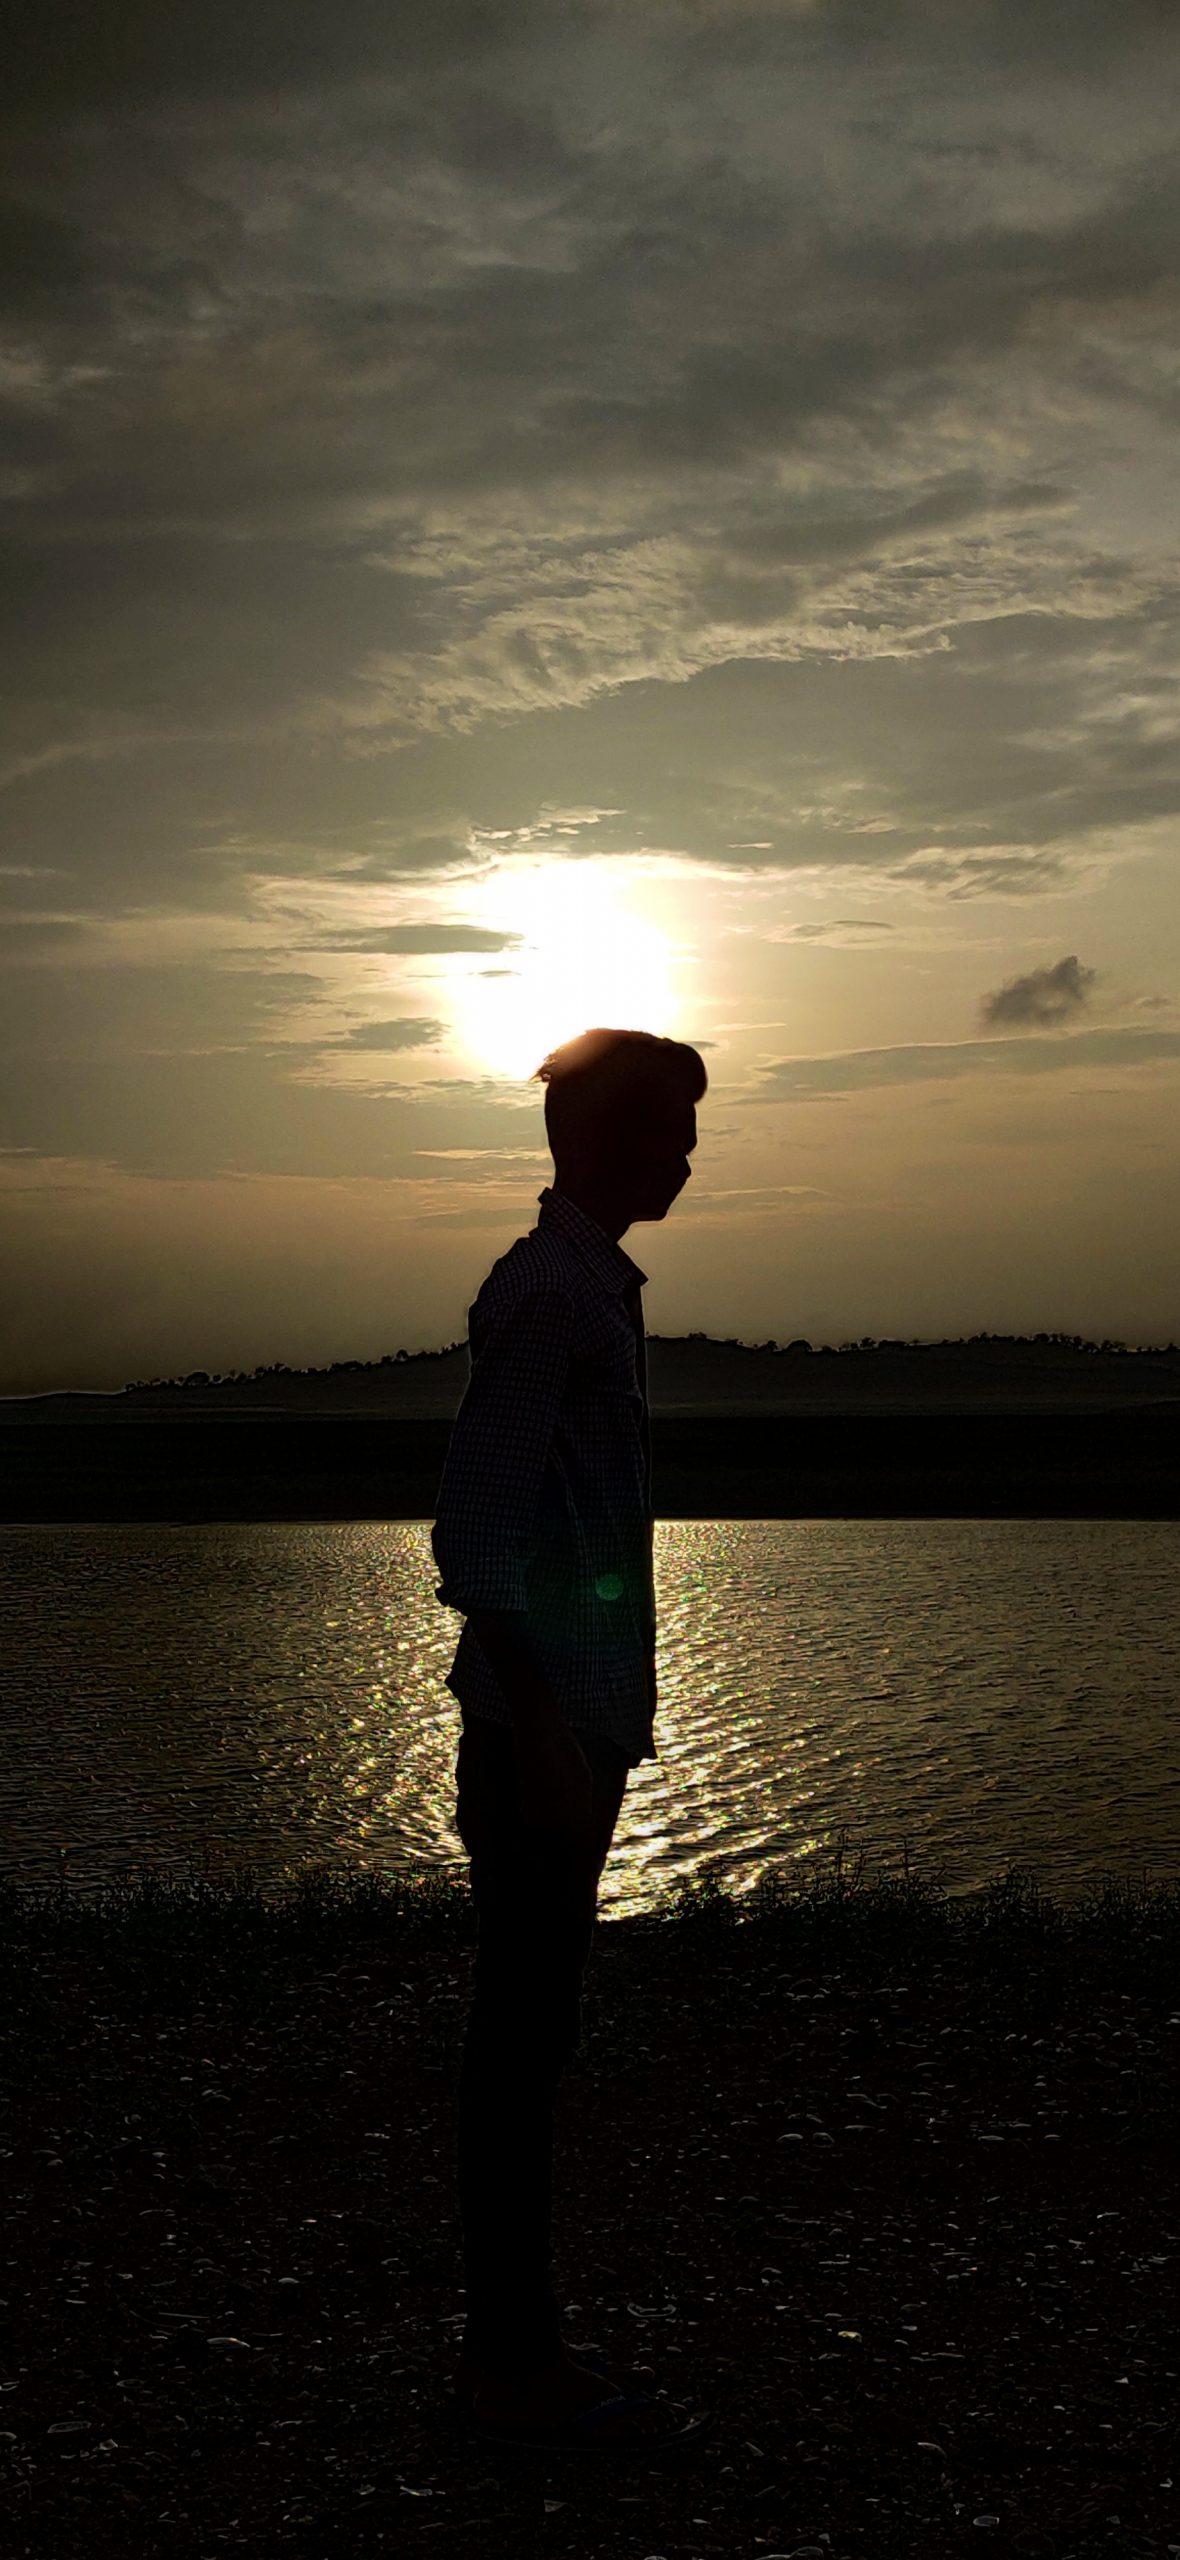 A boy, lake and sunset